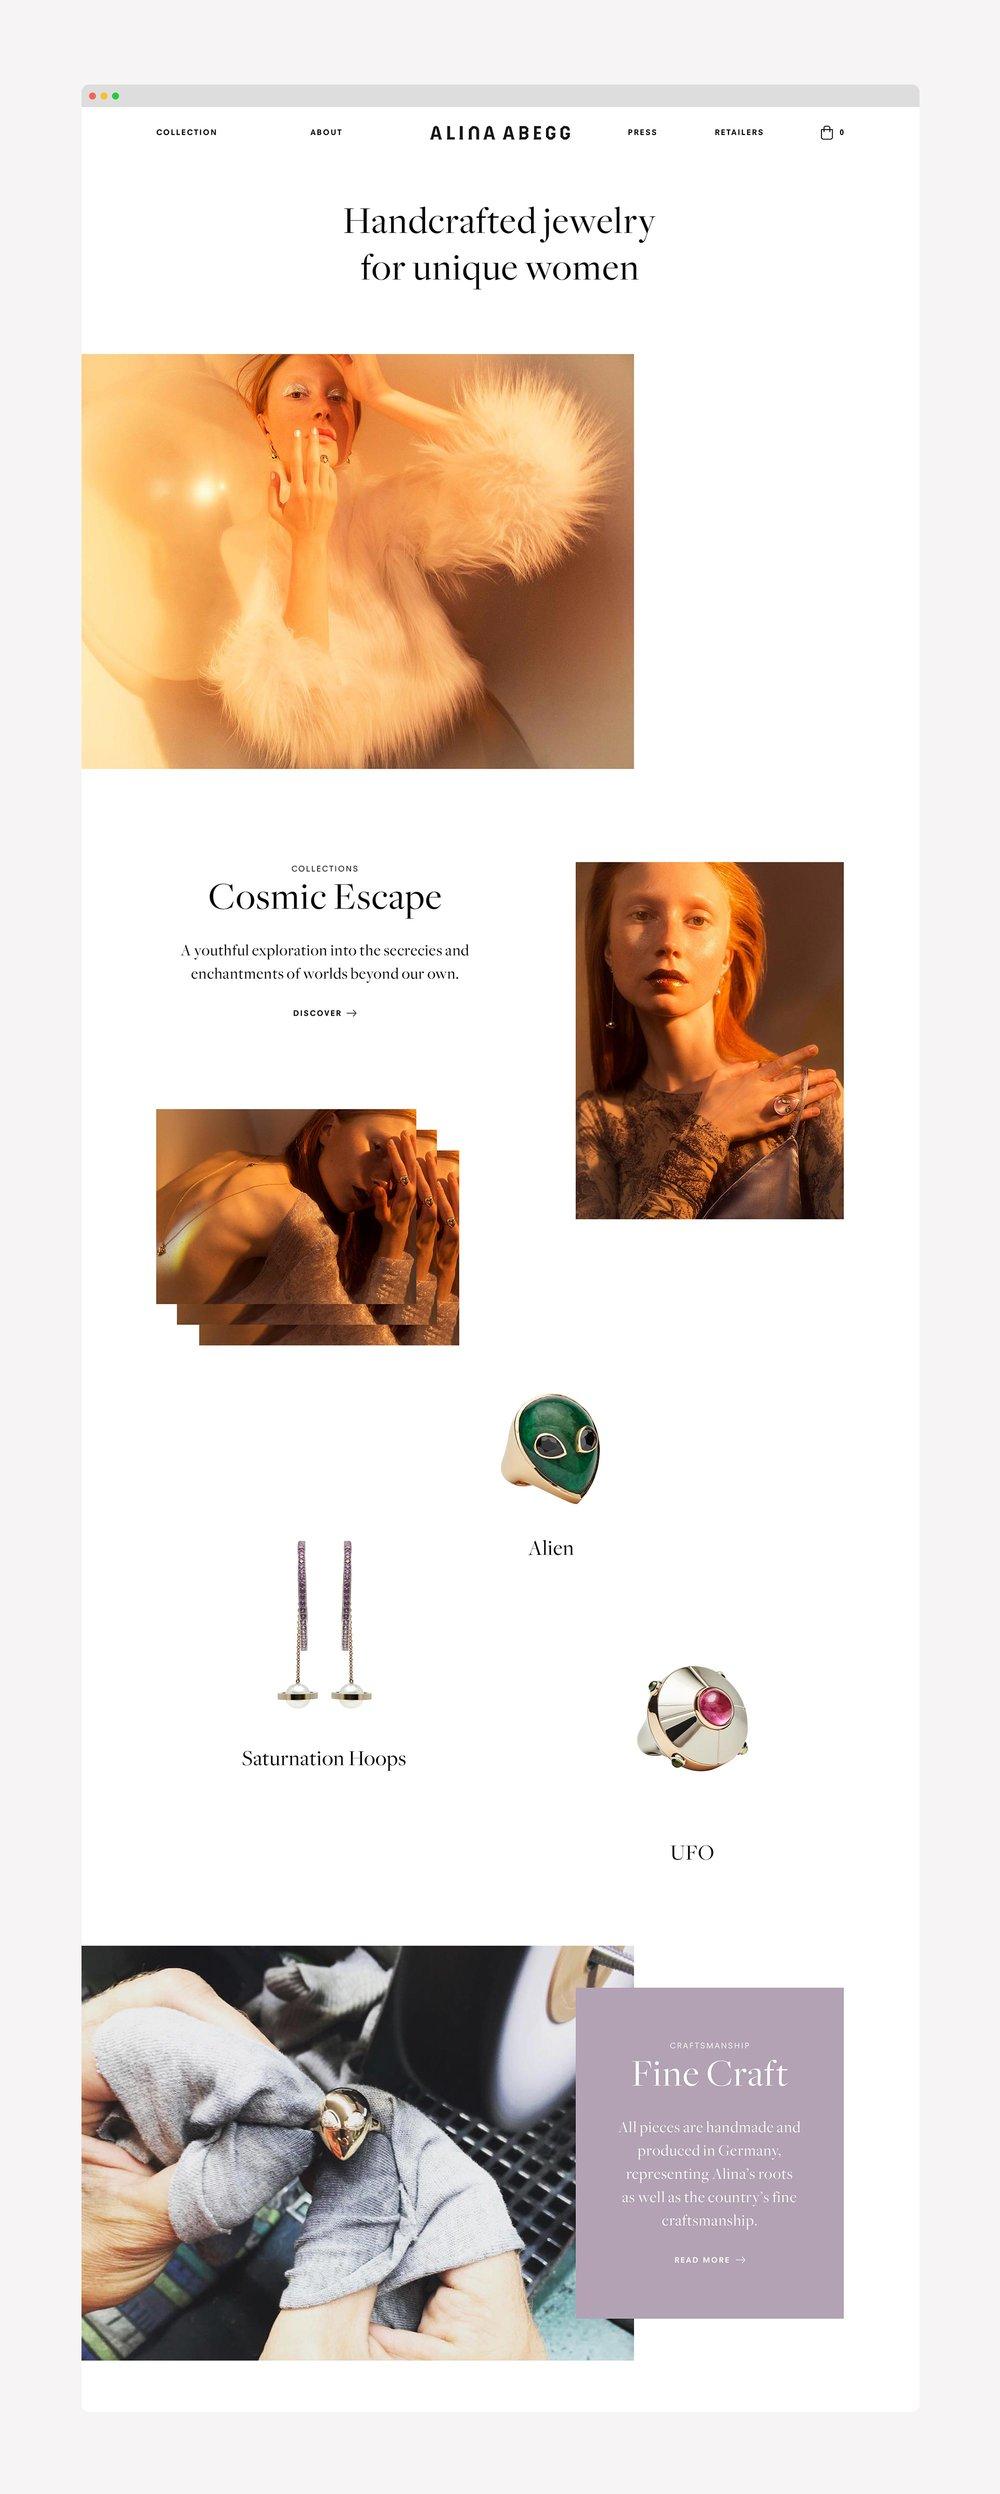 Alina-Abegg-website-home.jpg